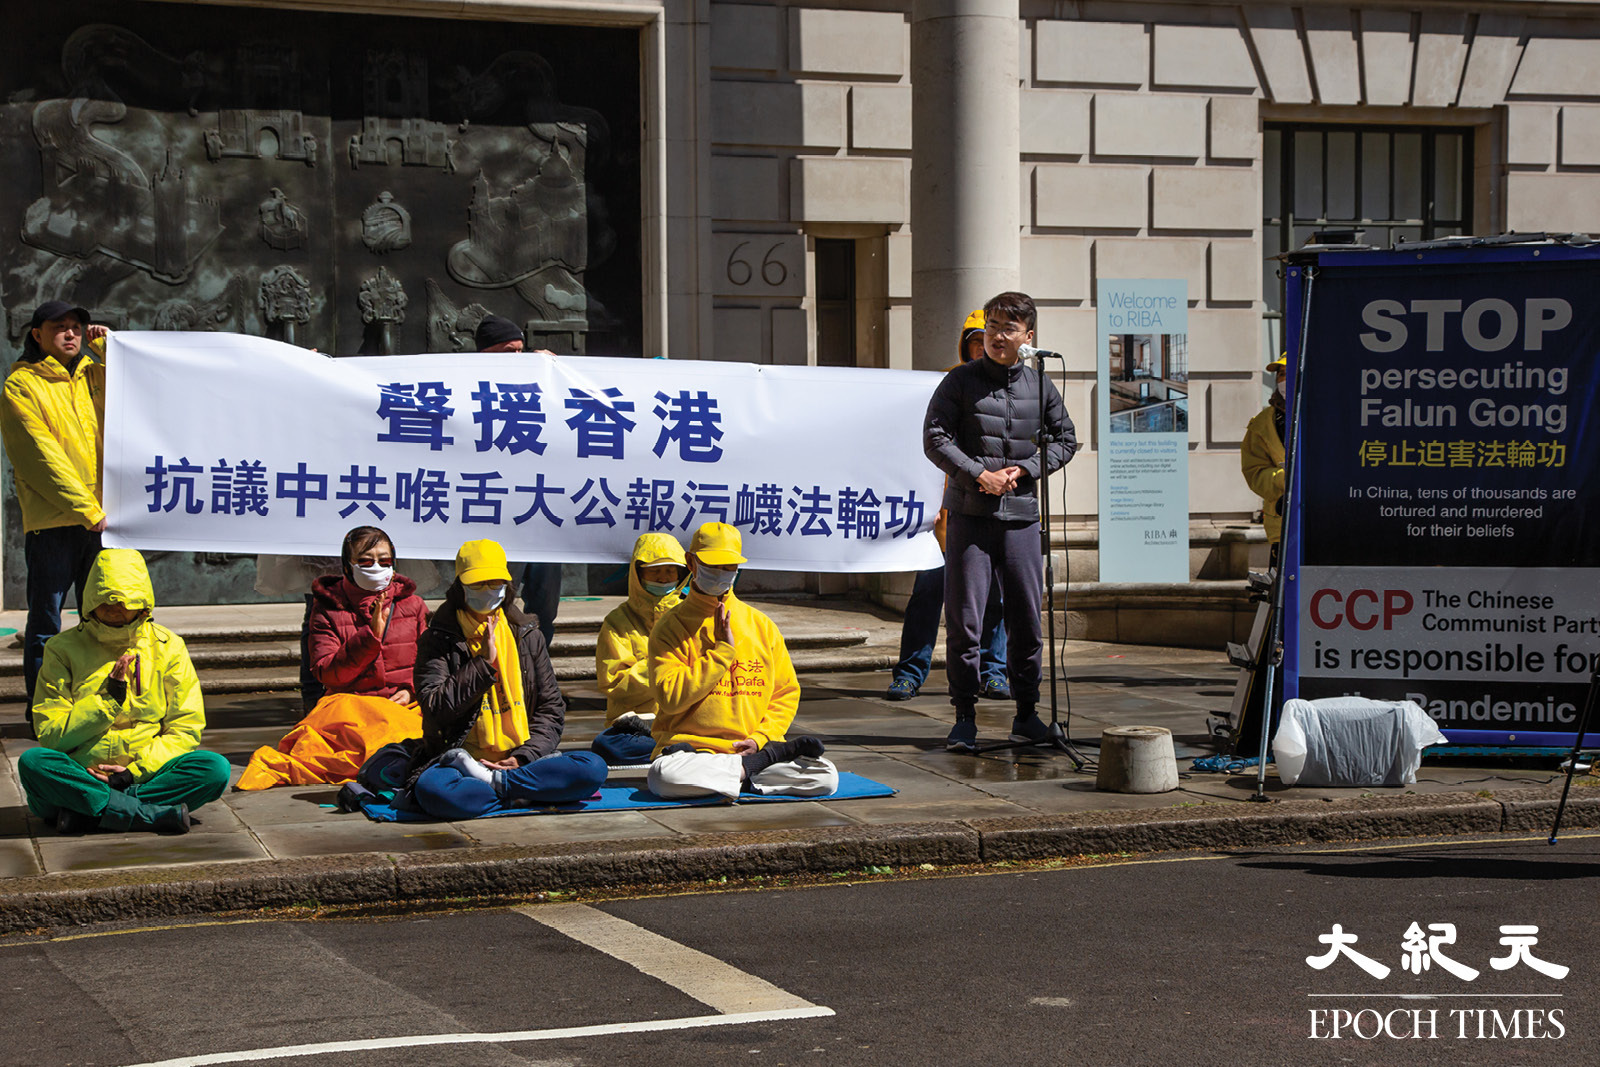 英法輪功學員中領館外抗議《大公報》 鄭文傑到場聲援